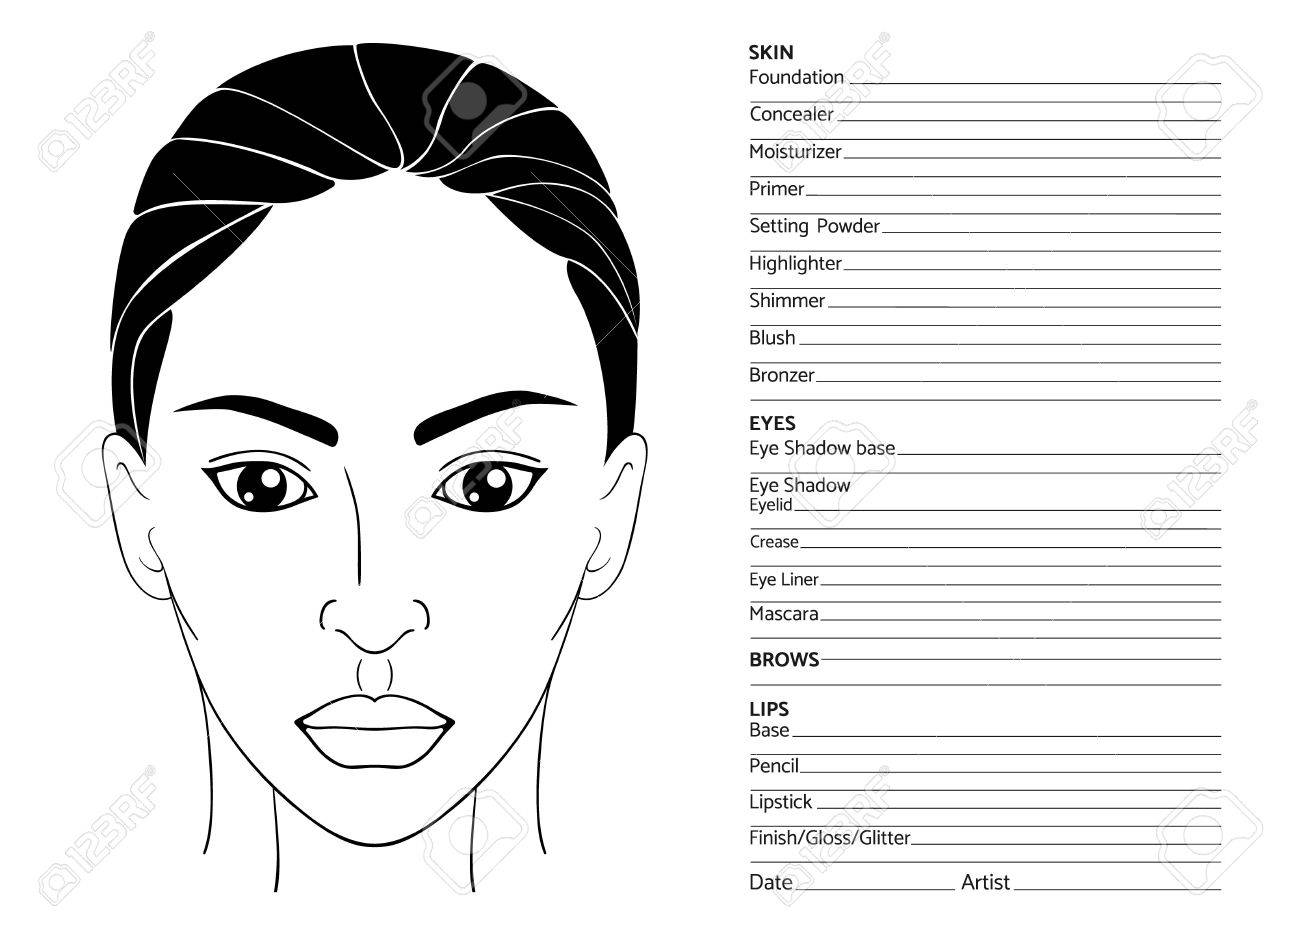 Großzügig Vorlagen Für Make Up Künstler Wieder Aufnehmen Bilder ...